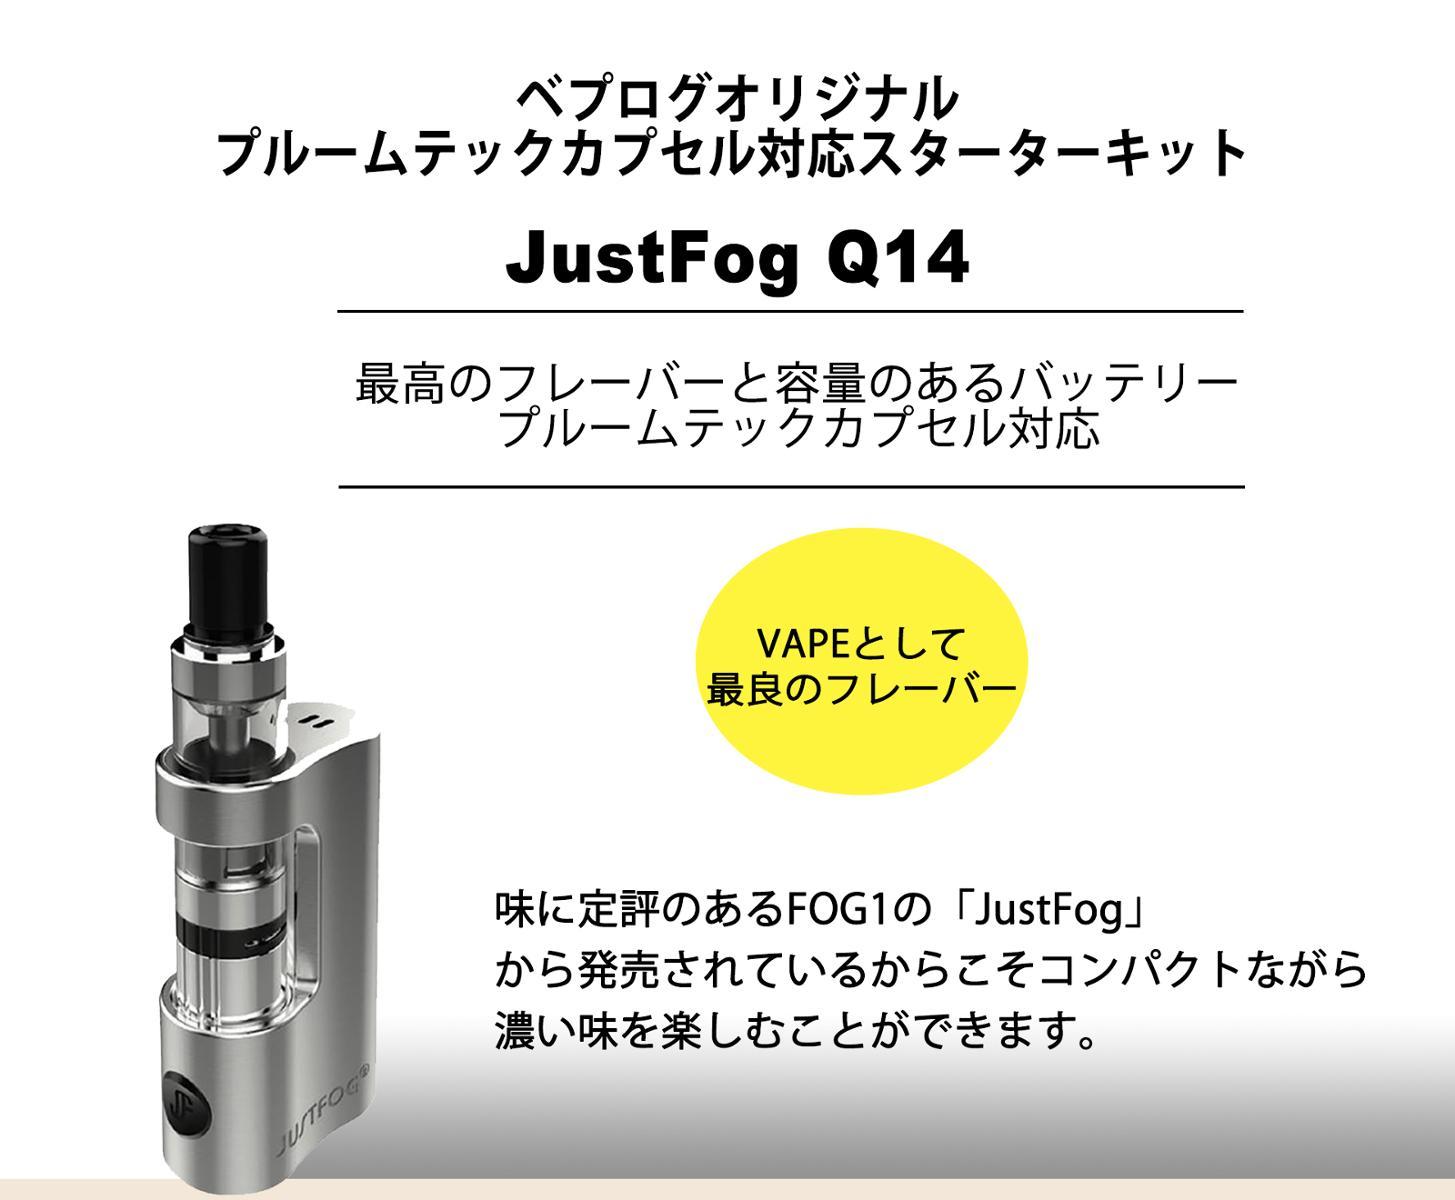 JustFog Q14 プルームテックカプセル対応 スターターキット | Z-1 VAPE ベプログ 電子タバコ 電子たばこ リキッド 日本製 スターターキット アトマイザー コイル ベイプ フレーバー 国産リキッド 爆煙 おすすめ ドリップチップ 父の日